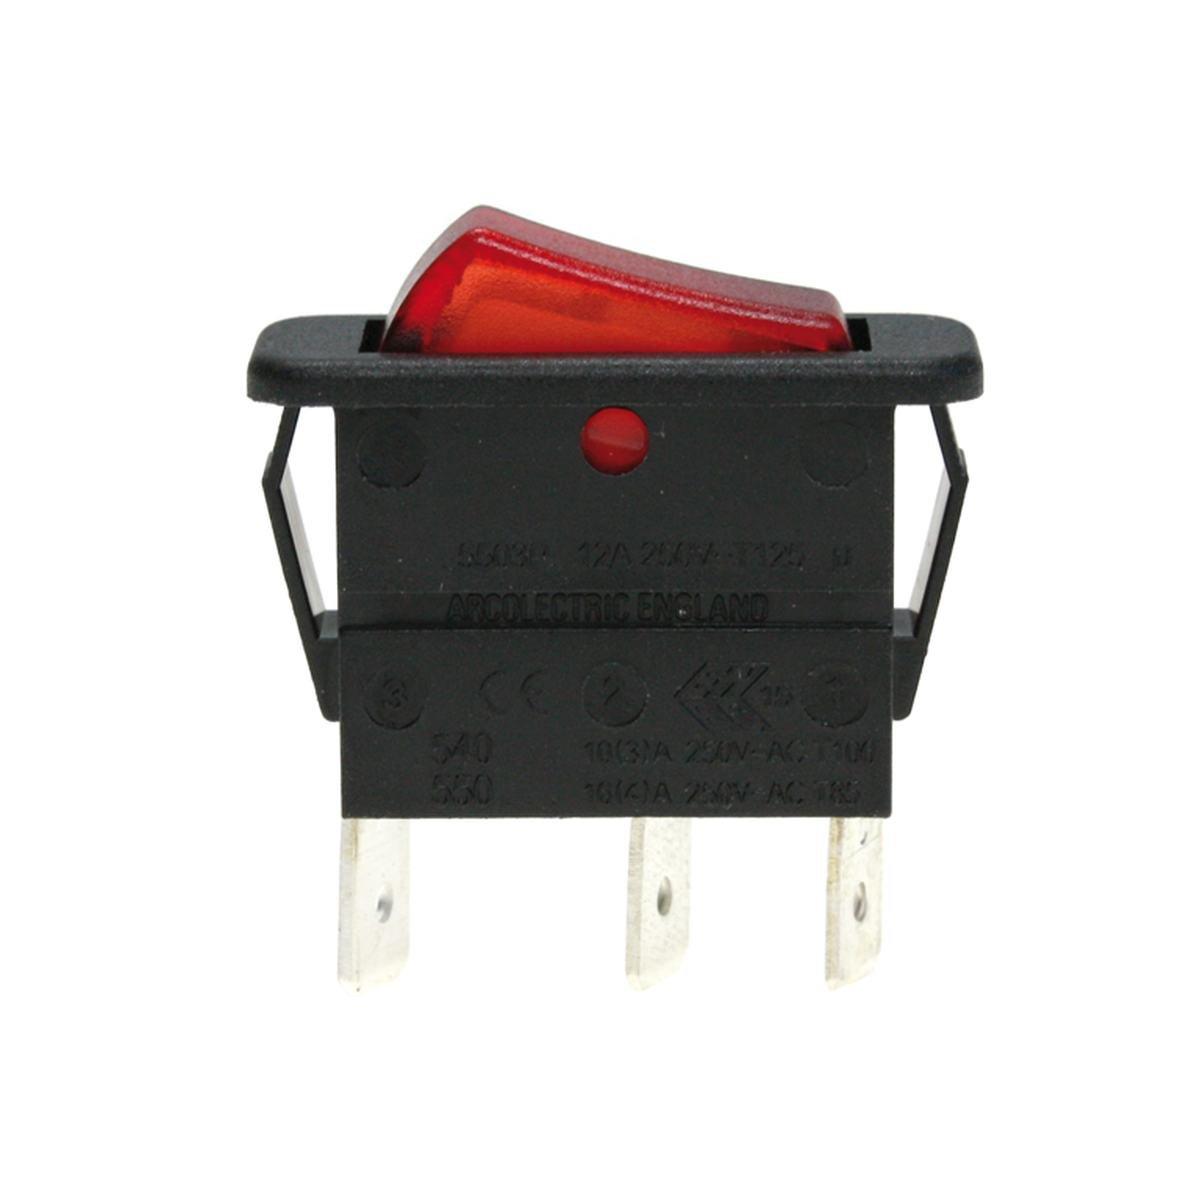 Enkeltomskifter sort med rødt lys 30 x 11 mm. hulm